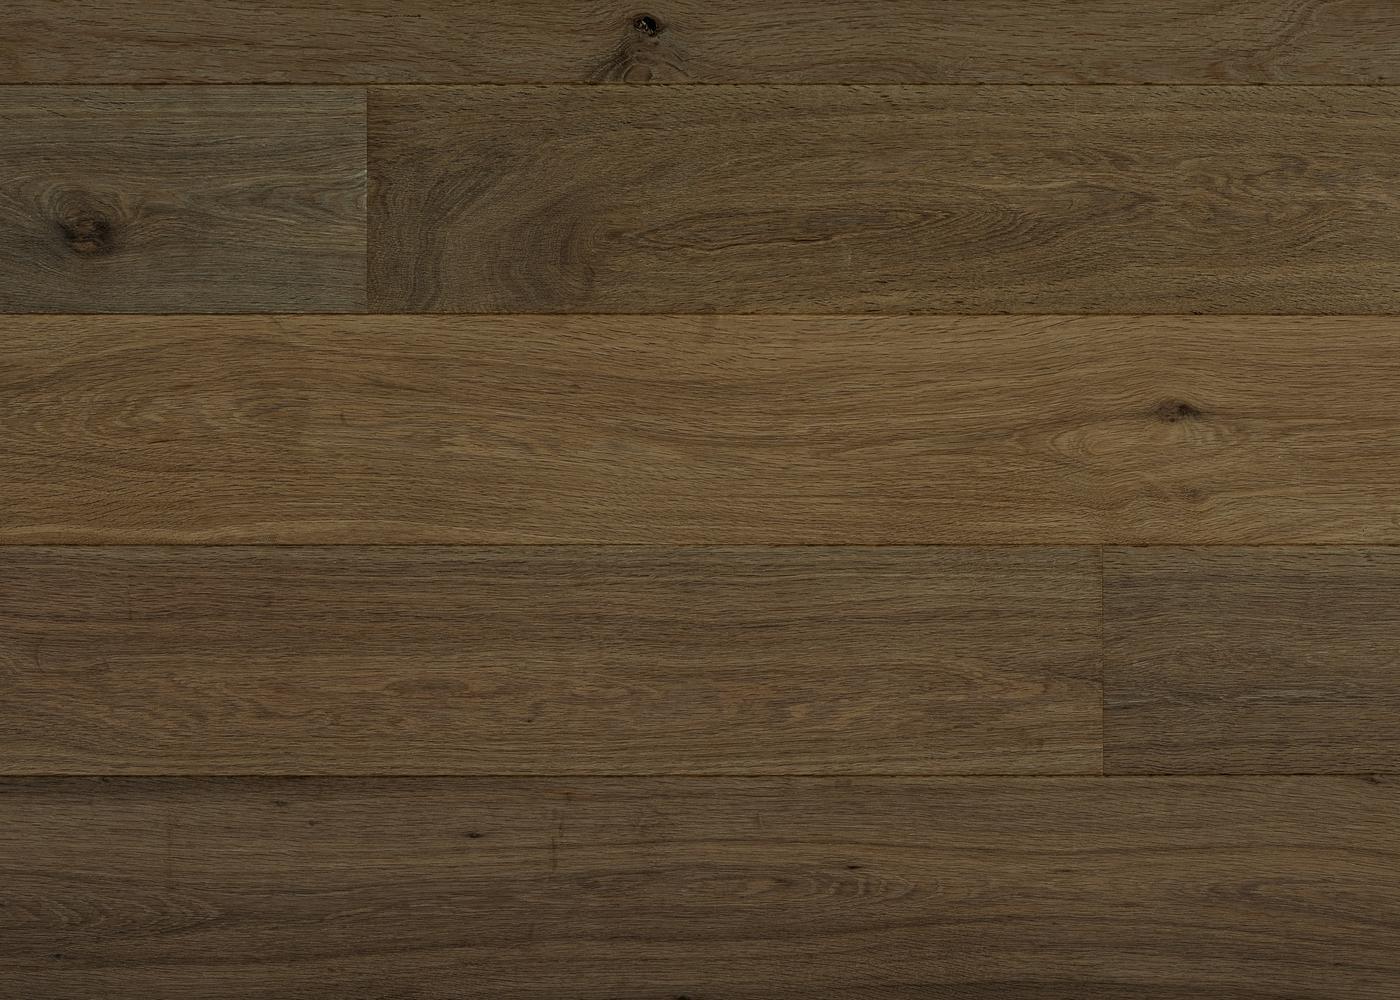 Parquet chêne contrecollé VULCANO huile cire Mélange 50% PRBis, 50% Matière 12x160x1100-2200